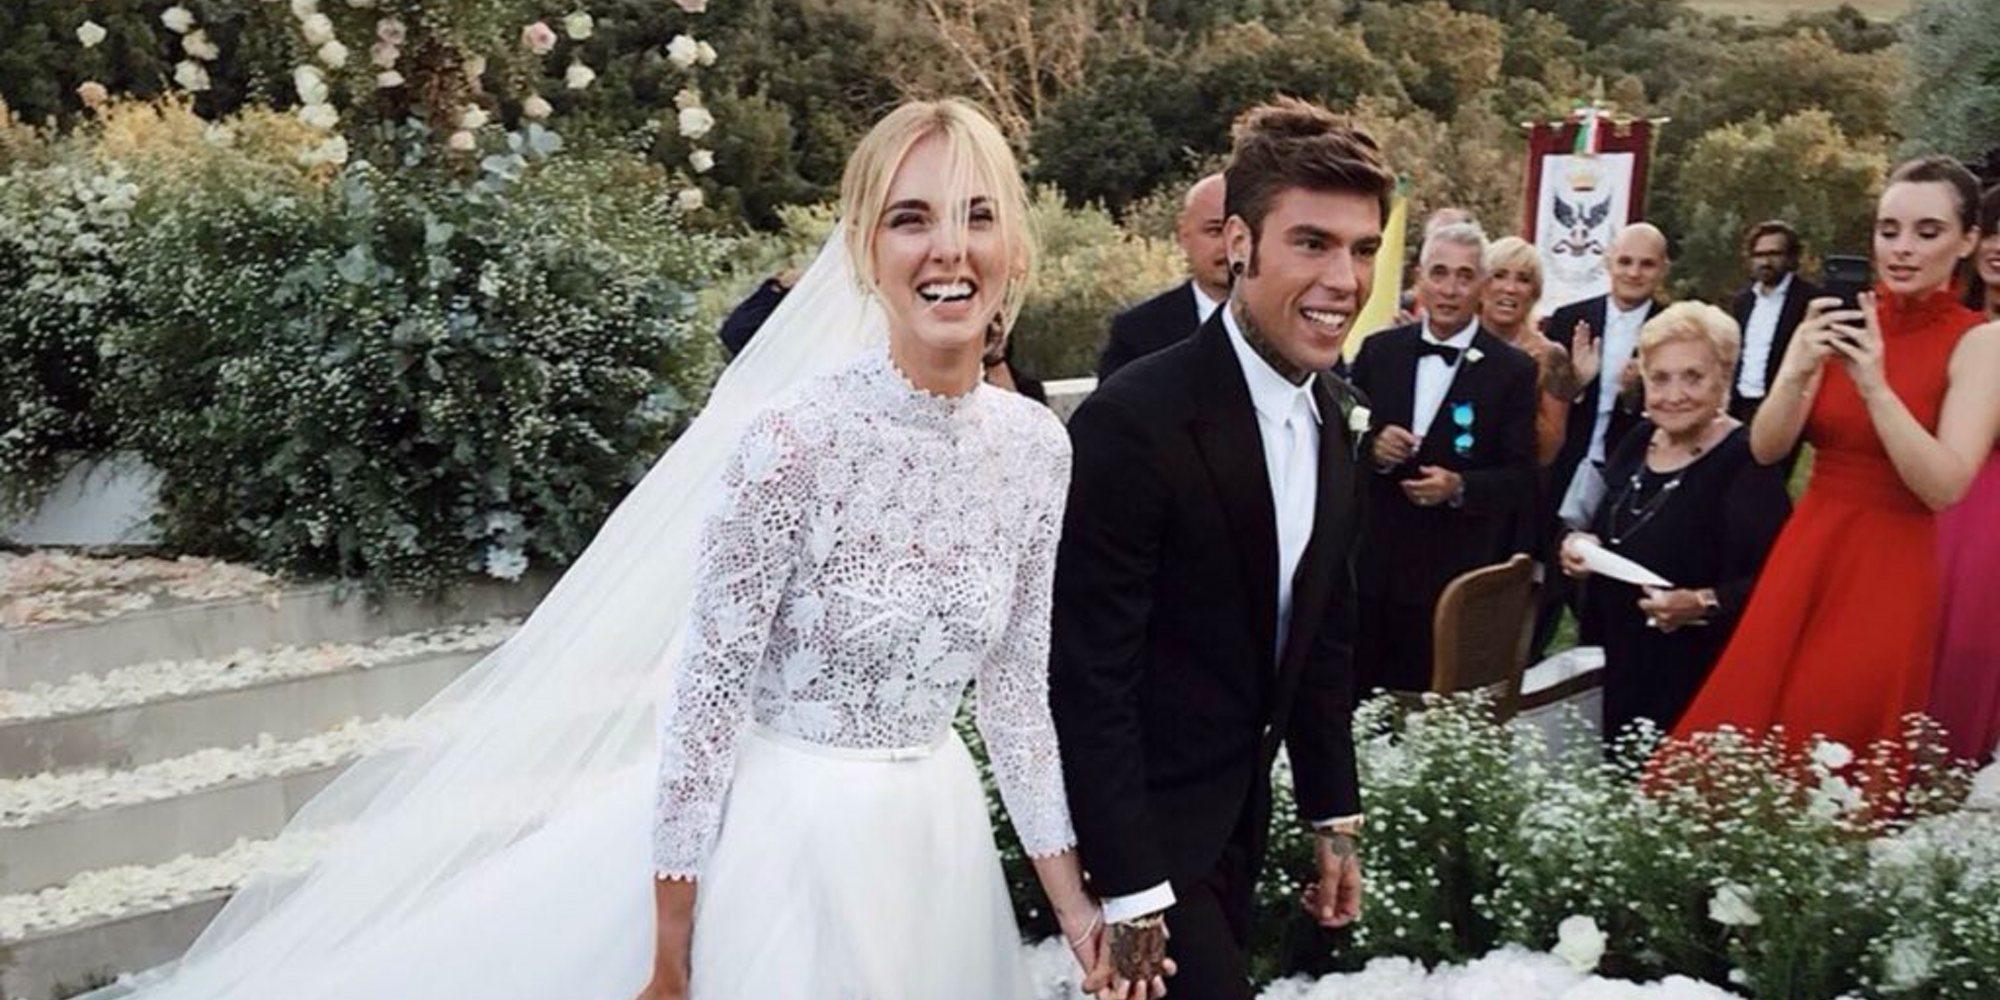 Así fue la boda de Chiara Ferragni y Fedez: la ceremonia 3.0 emitida en directo a través de Instagram